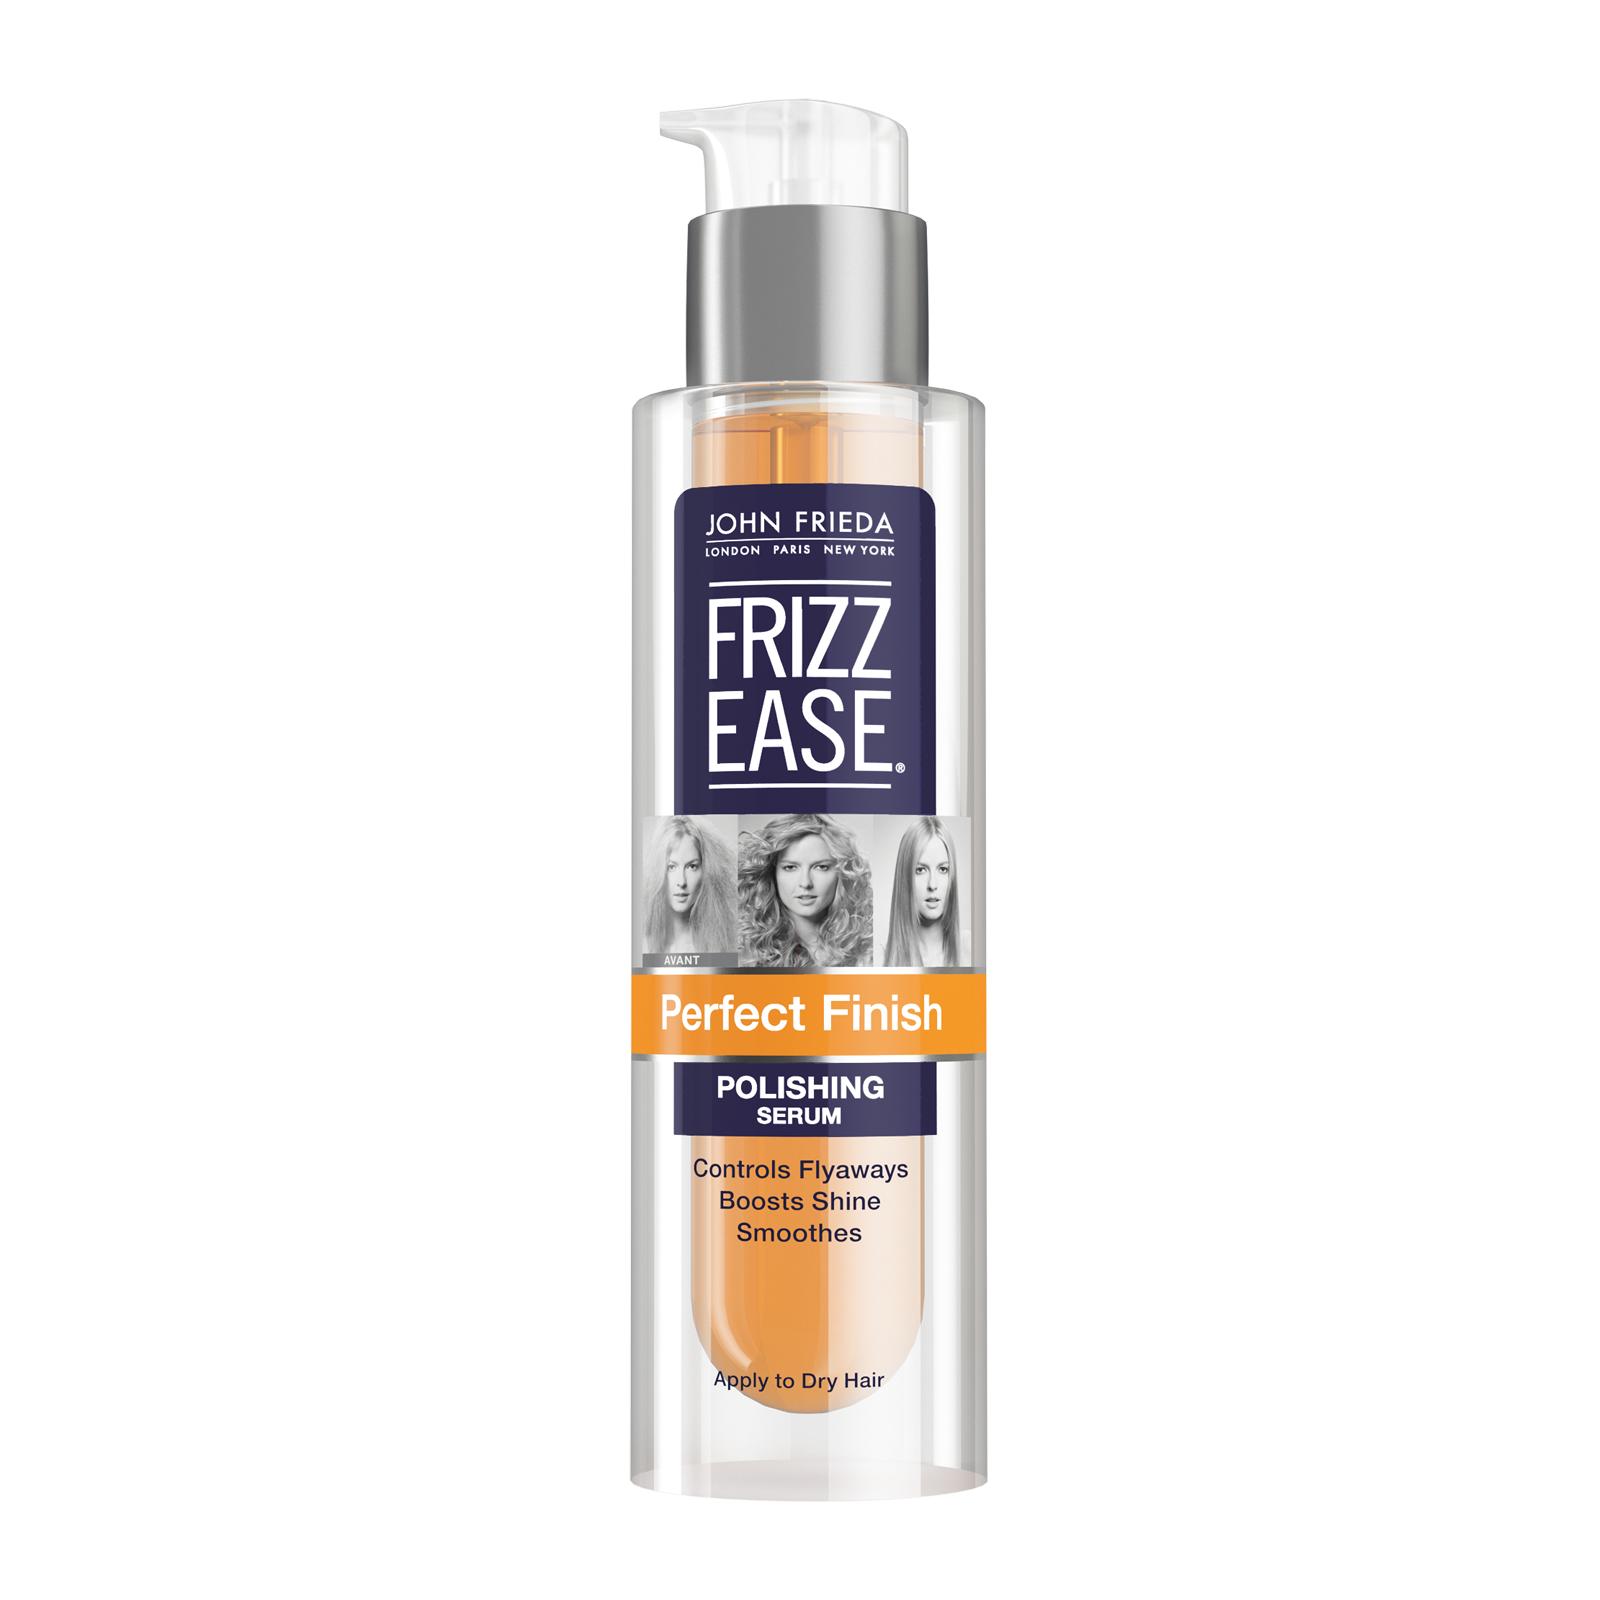 Frizz Ease Expert Hair Styler Free Sample